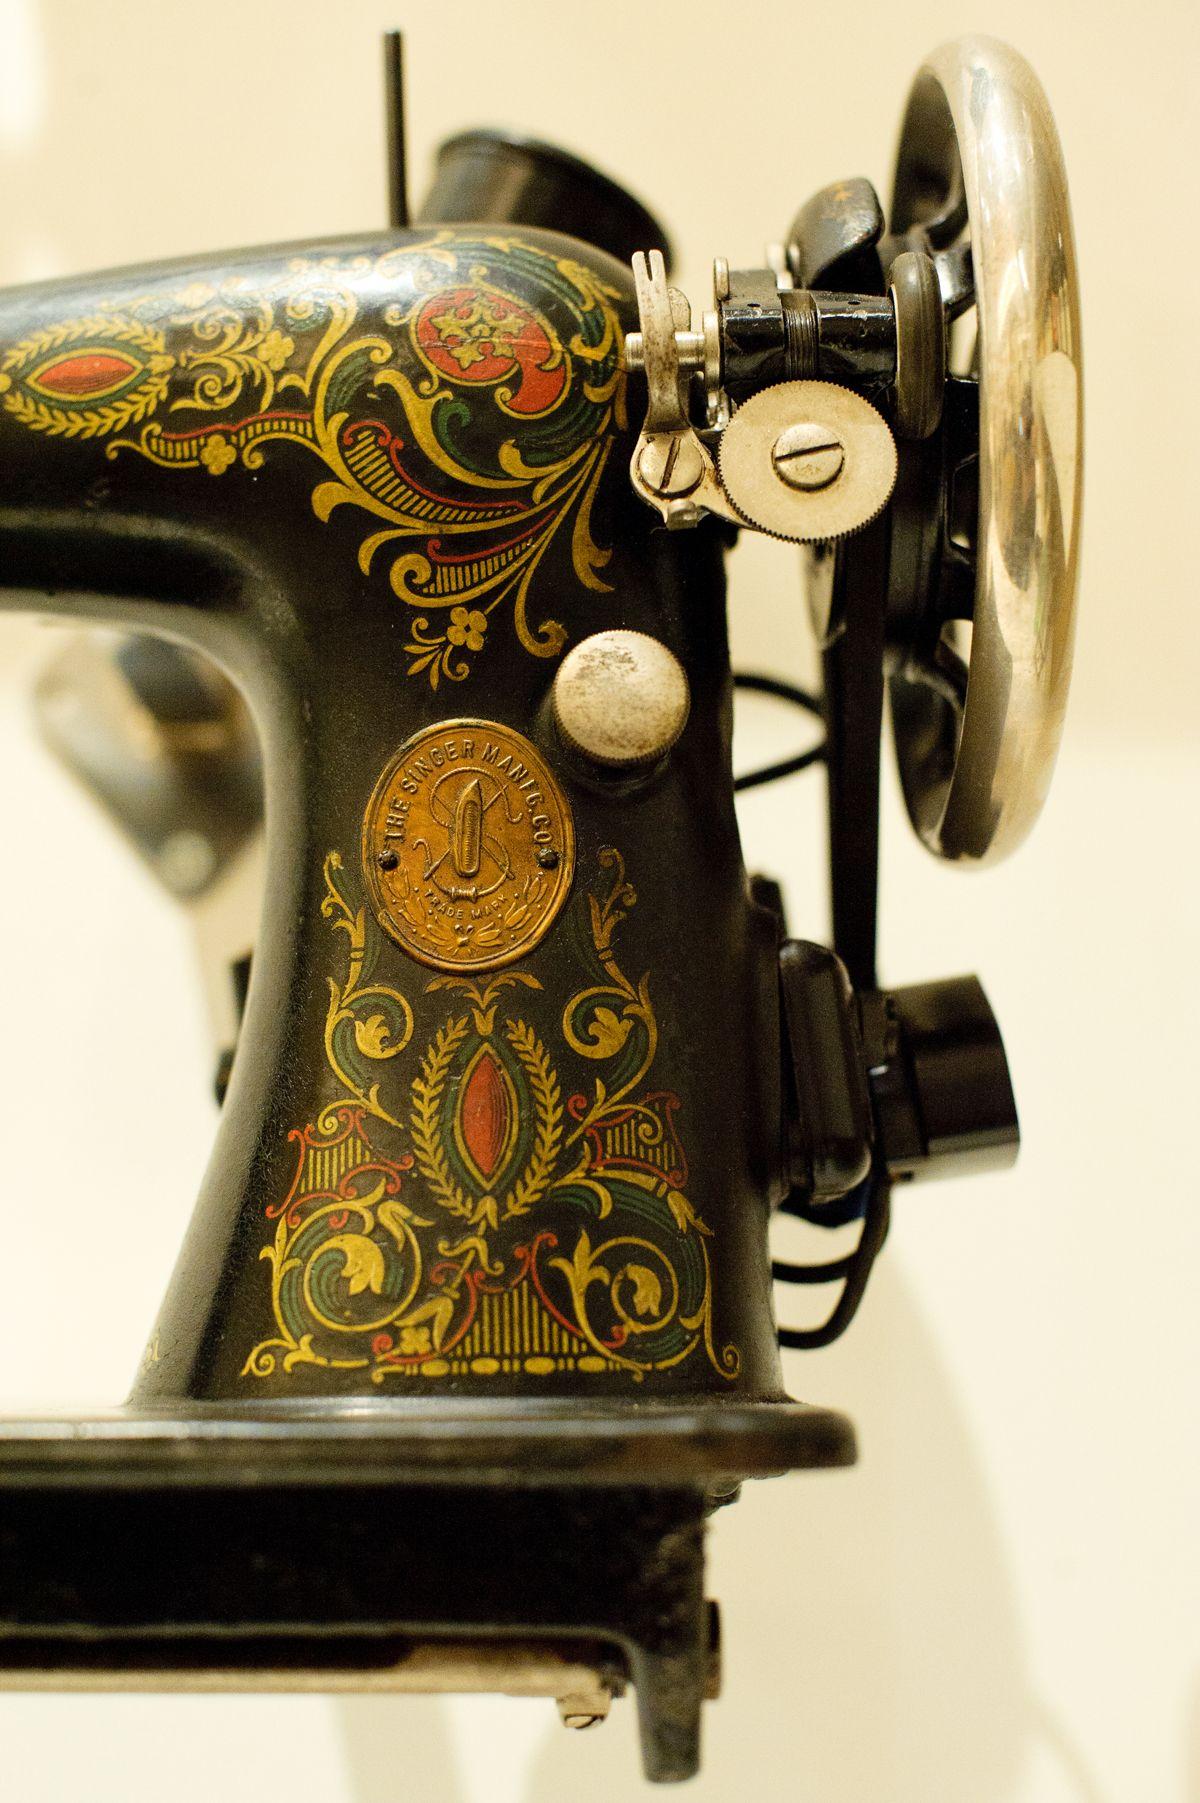 We ♥ Vintage Sewing Machines on Pinterest | Vintage Sewing ...